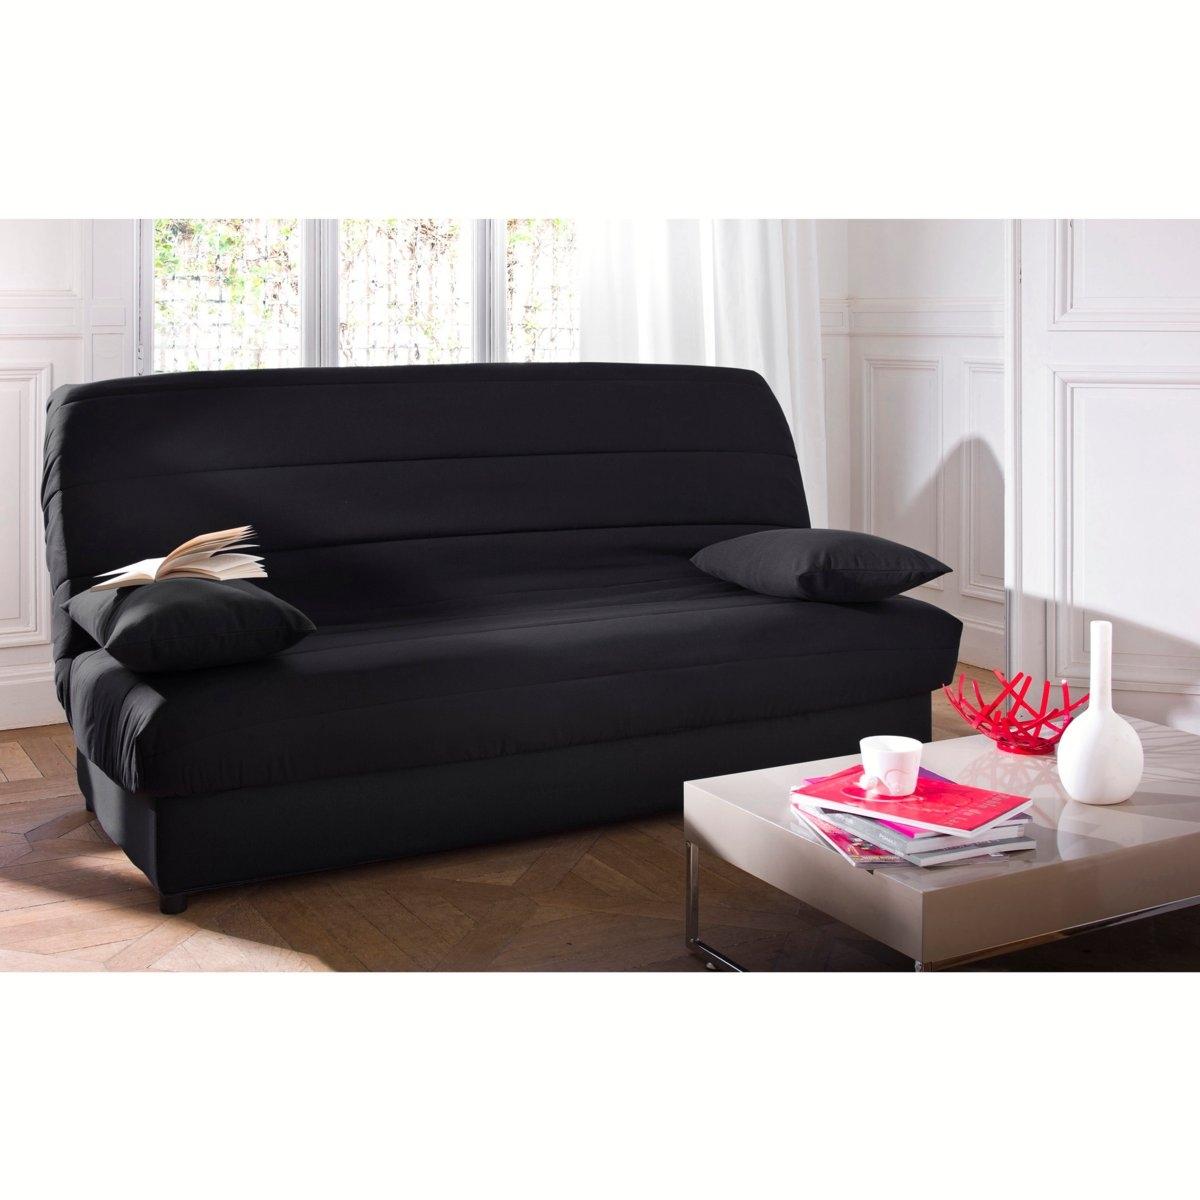 Чехол La Redoute Из поликоттона для основания раскладного дивана-книжки ASARET единый размер черный чехол стеганый для раскладного дивана scénario